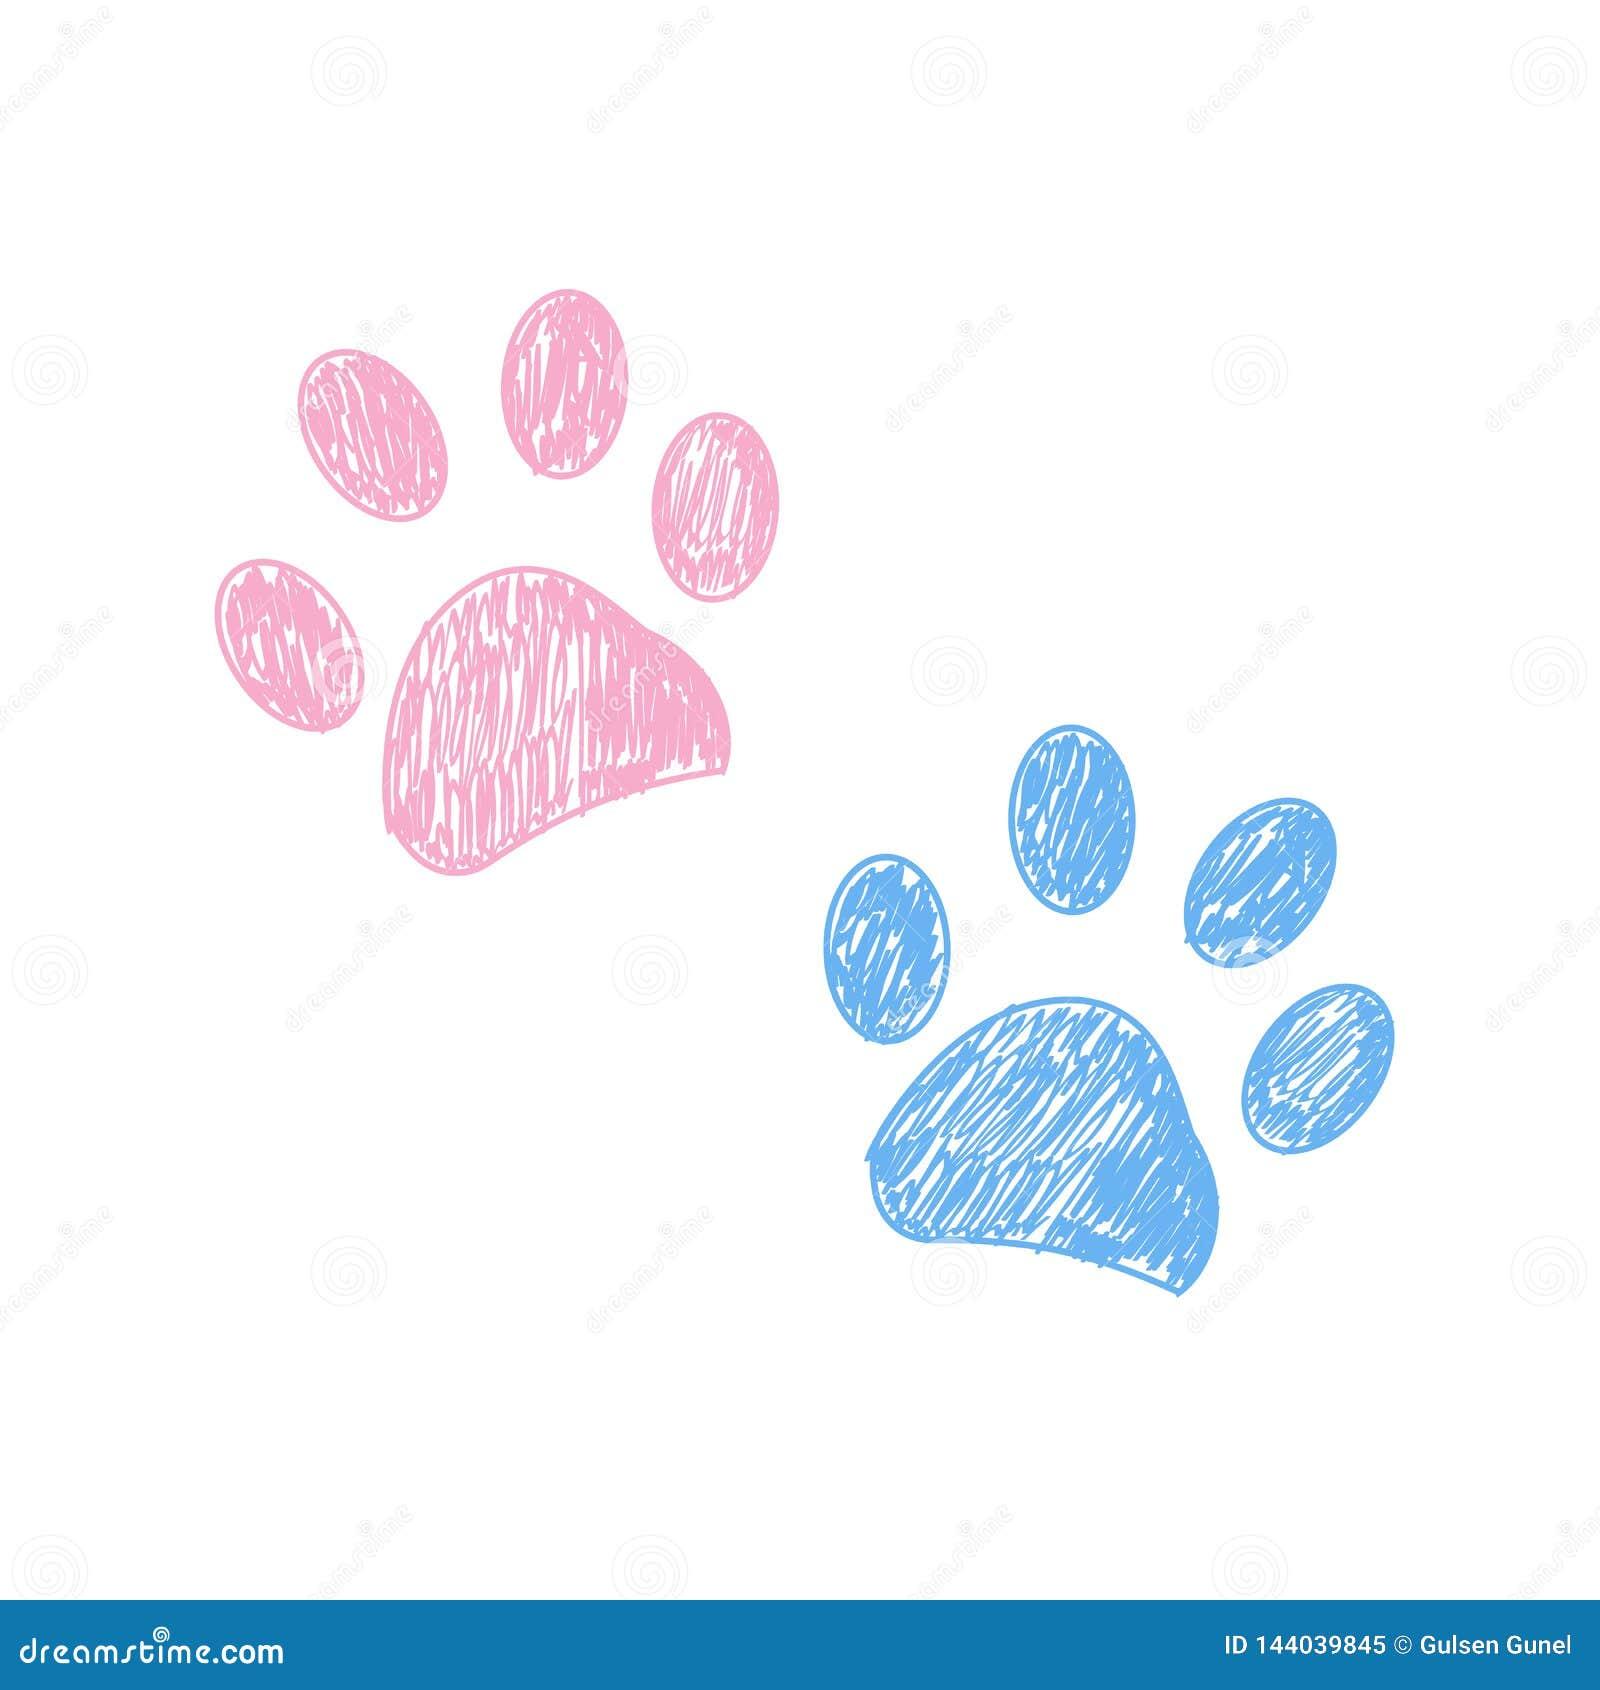 Rosa e stampa disegnata a mano della zampa colorata blu